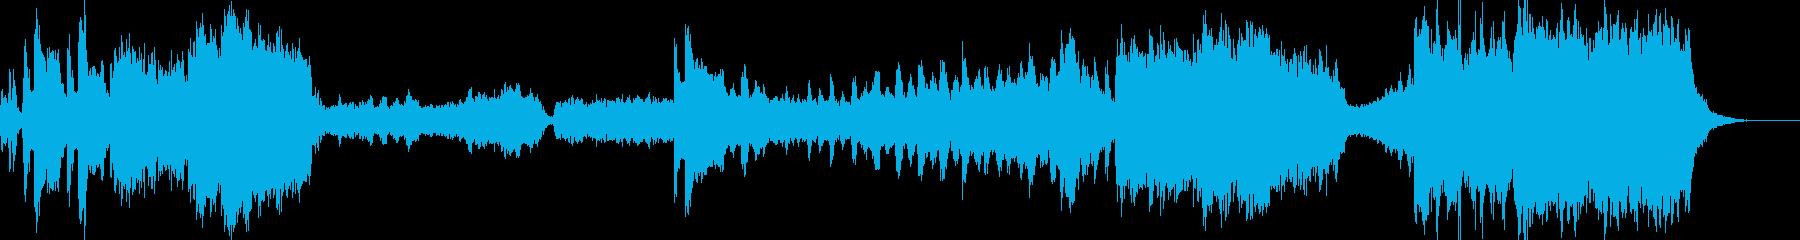 CM RPG 映画  迫力オーケストラ風の再生済みの波形